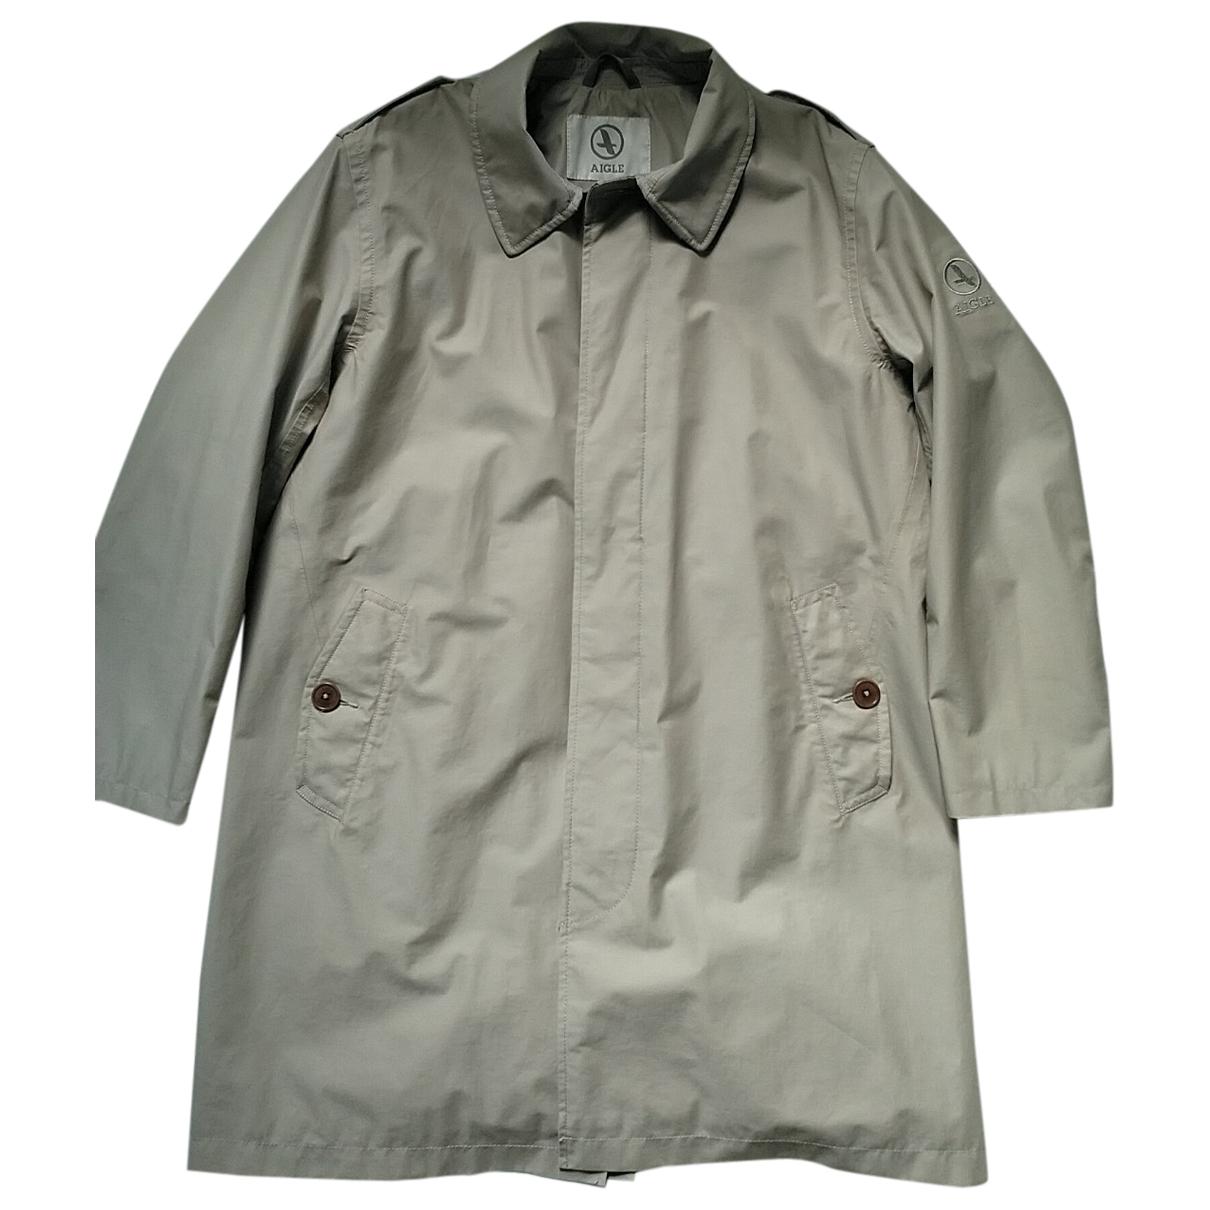 Aigle - Manteau   pour homme en coton - beige